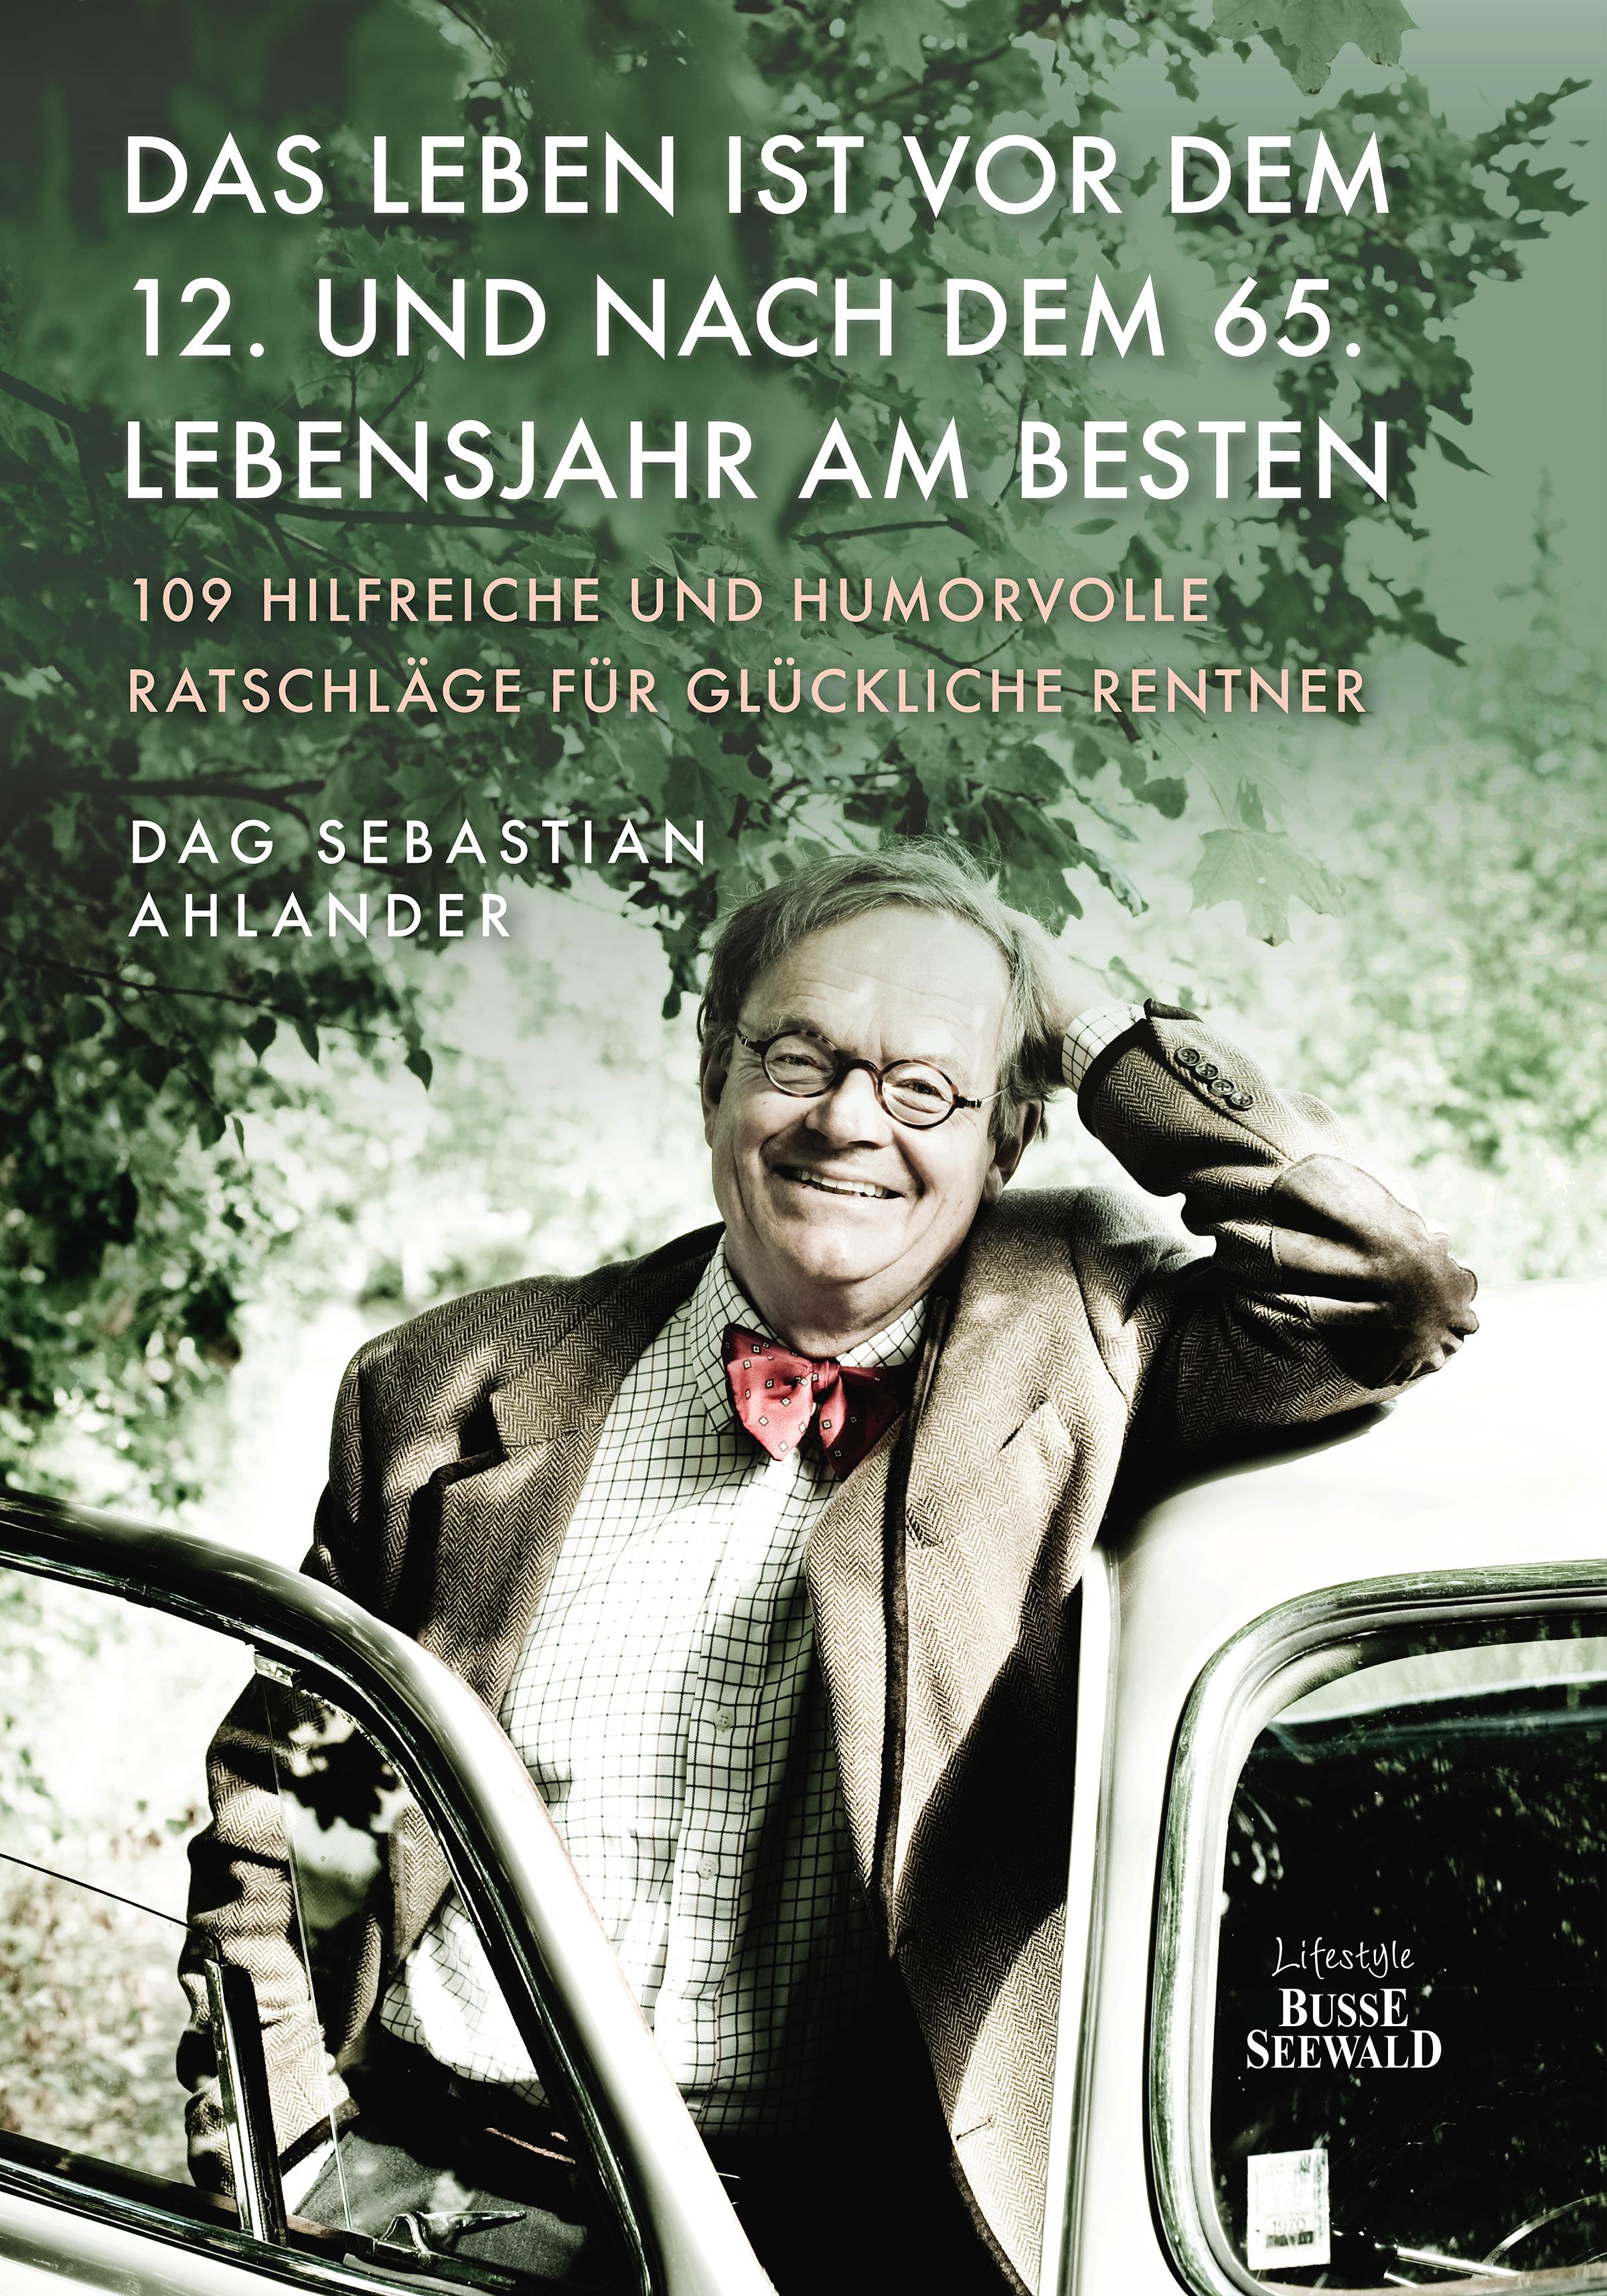 Фото - Dag Sebastian Ahlander Das Leben ist vor dem 12. und nach dem 65. Lebensjahr am besten jacques offenbach karl treumann urlaub nach dem zapfenstreich